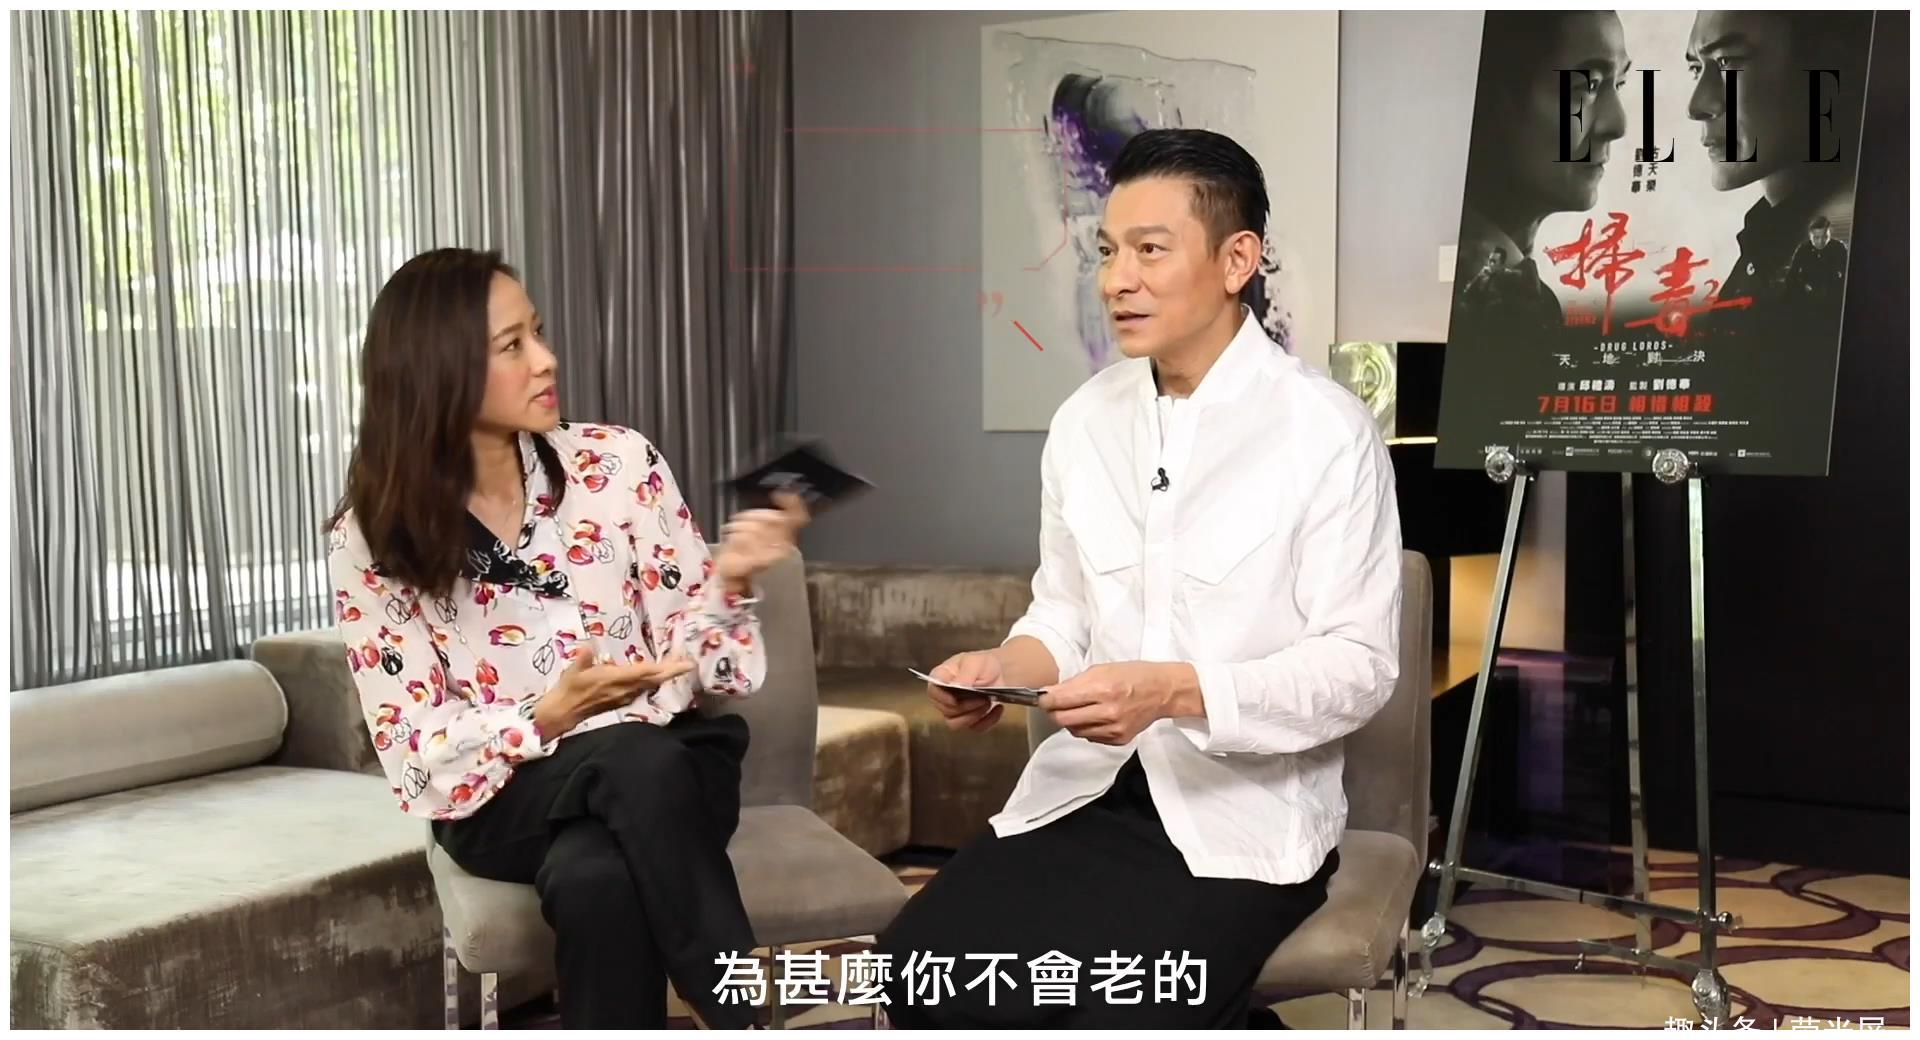 林嘉欣问刘德华演戏砍对方手紧张不,华哥神回复我是拿刀的不紧张